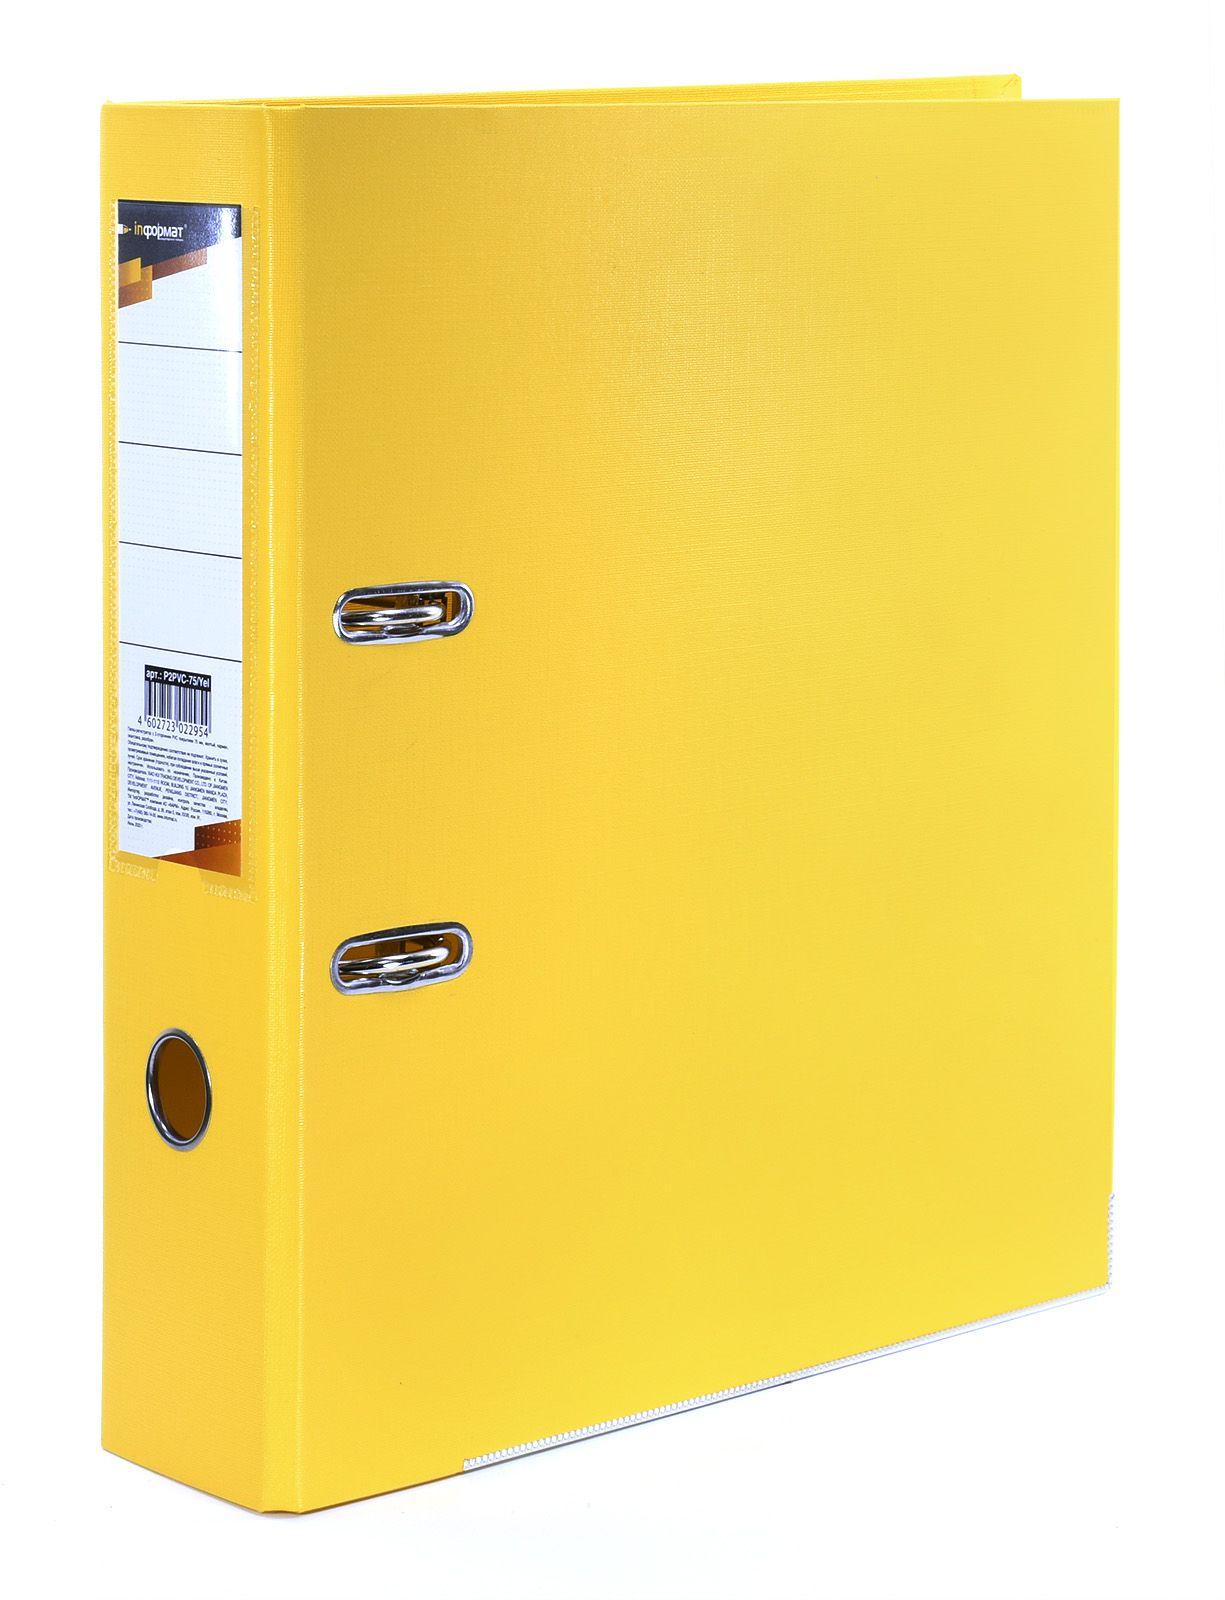 Папка-регистратор INFORMAT 75 мм двухстороннее покрытие PVC, желтая